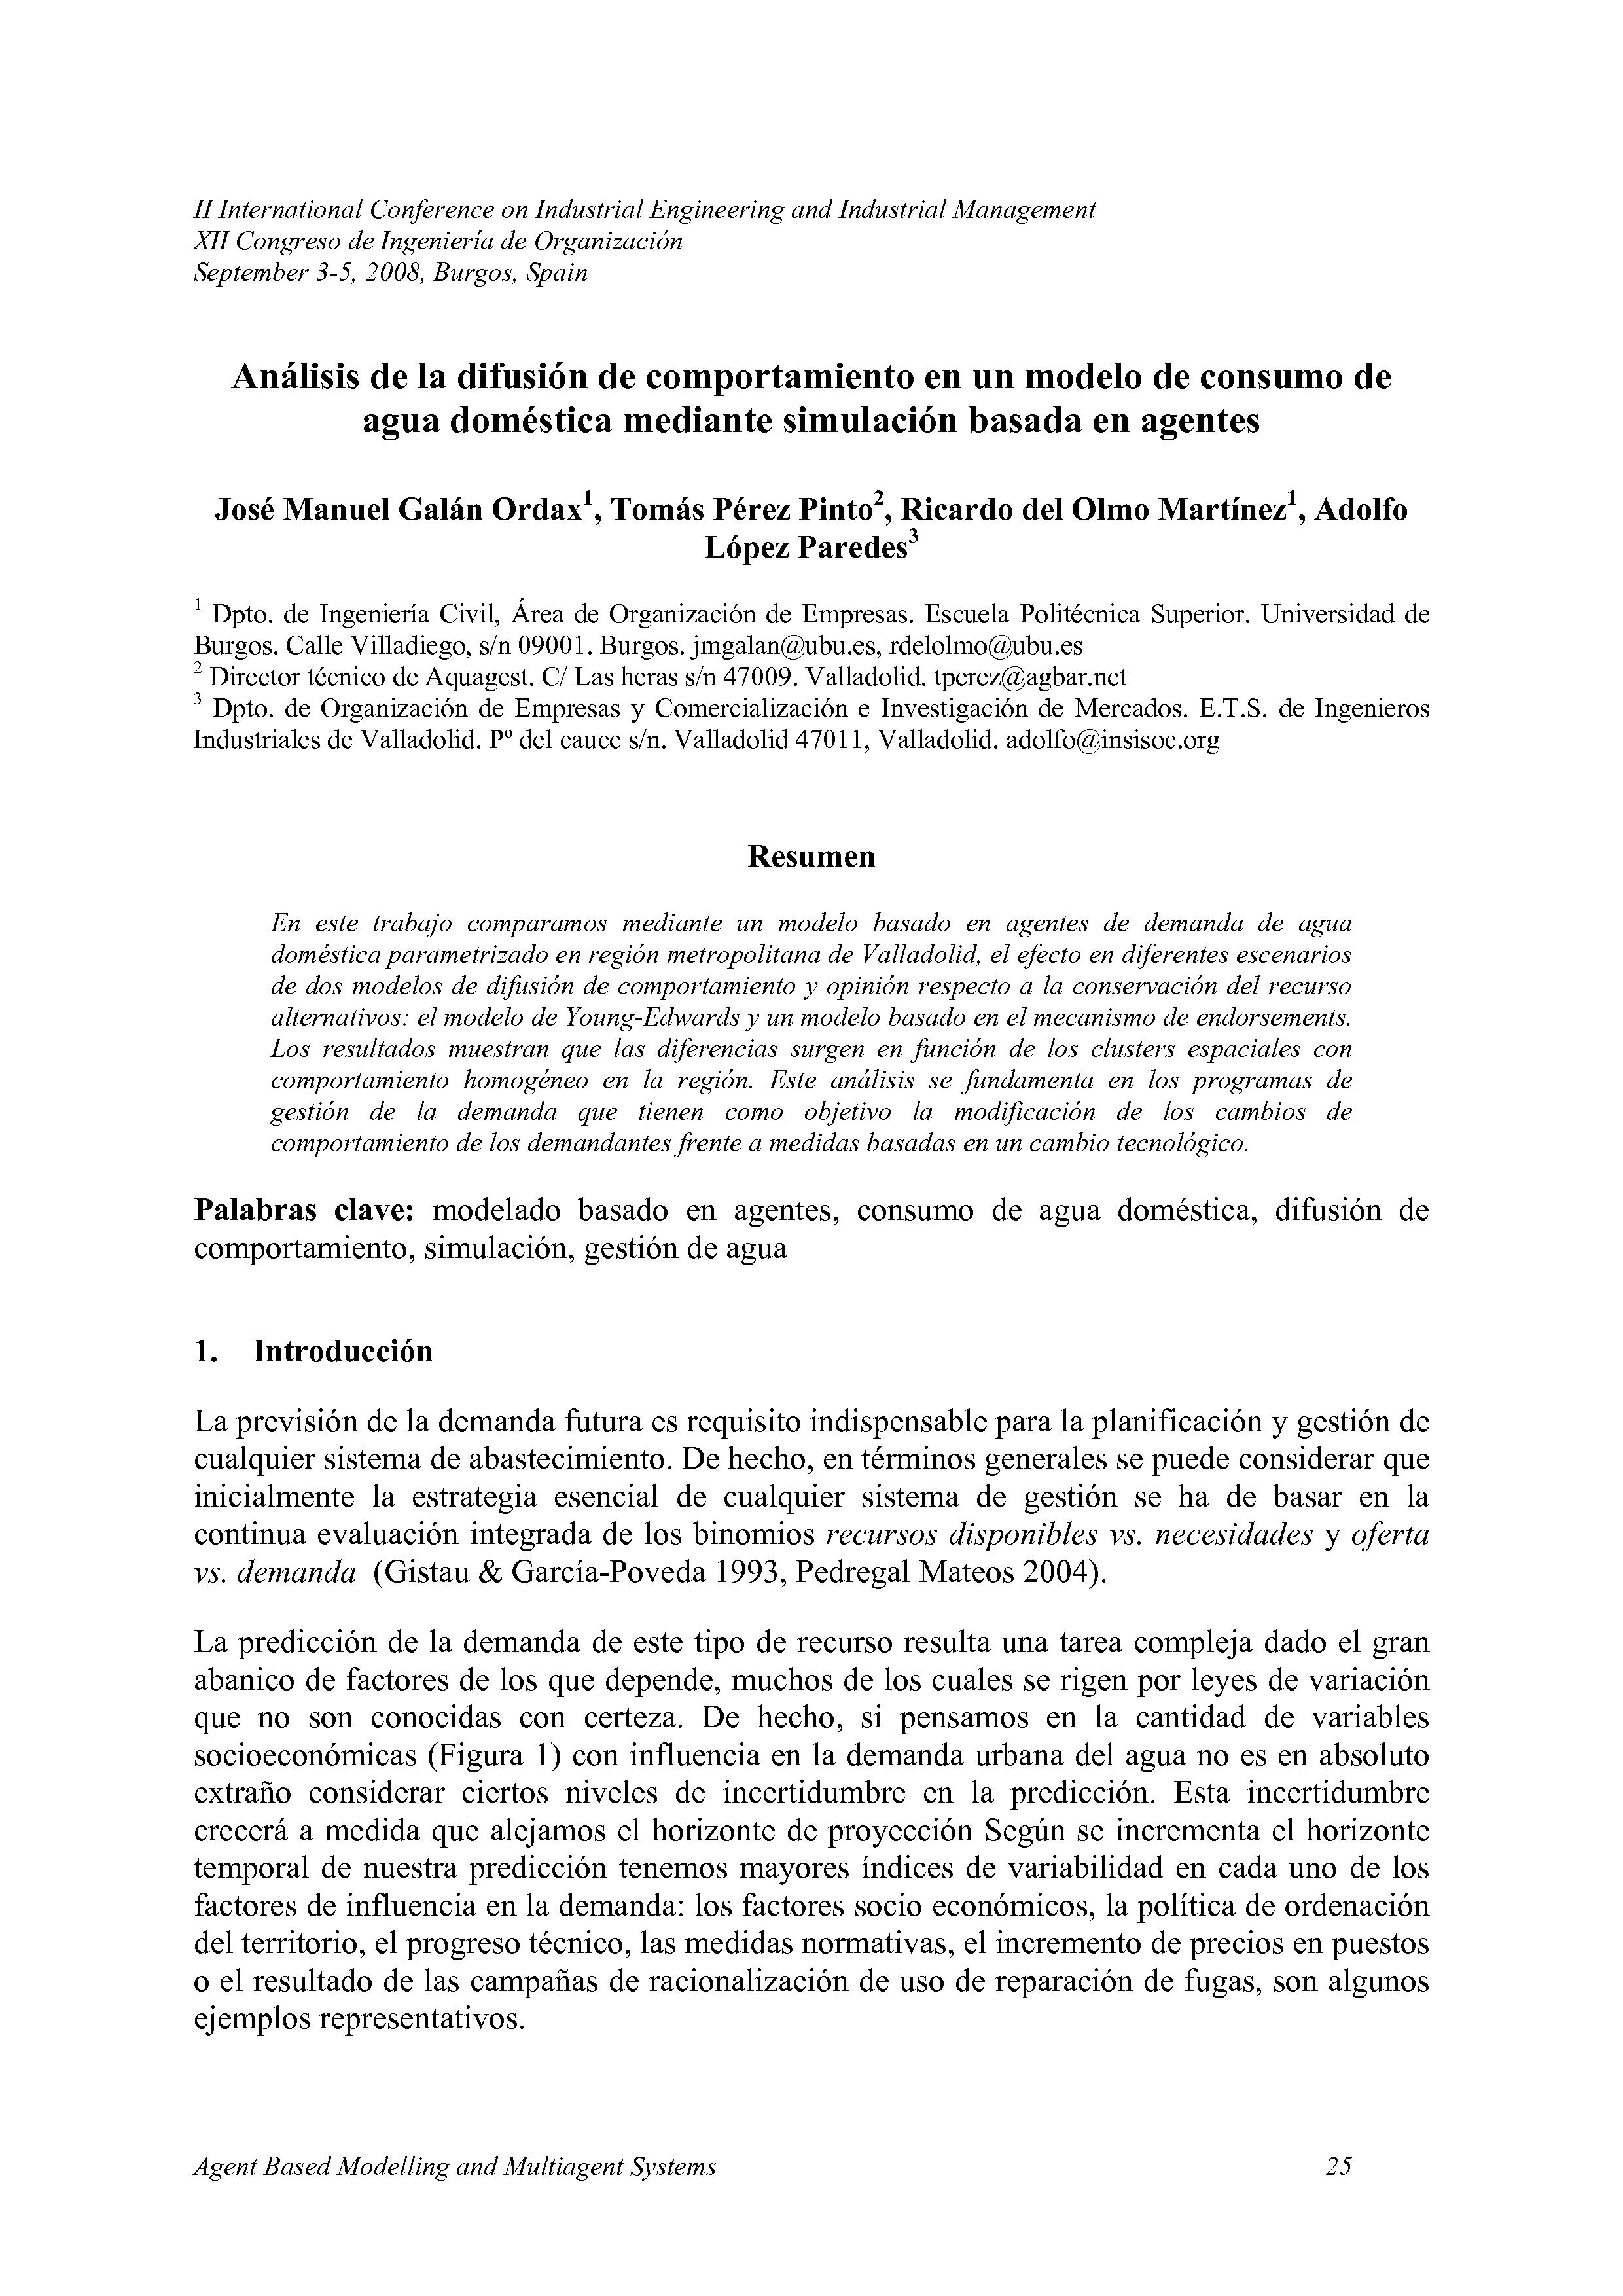 Análisis de la difusión de comportamiento en un modelo de consumo de  agua doméstica mediante simulación basada en agentes